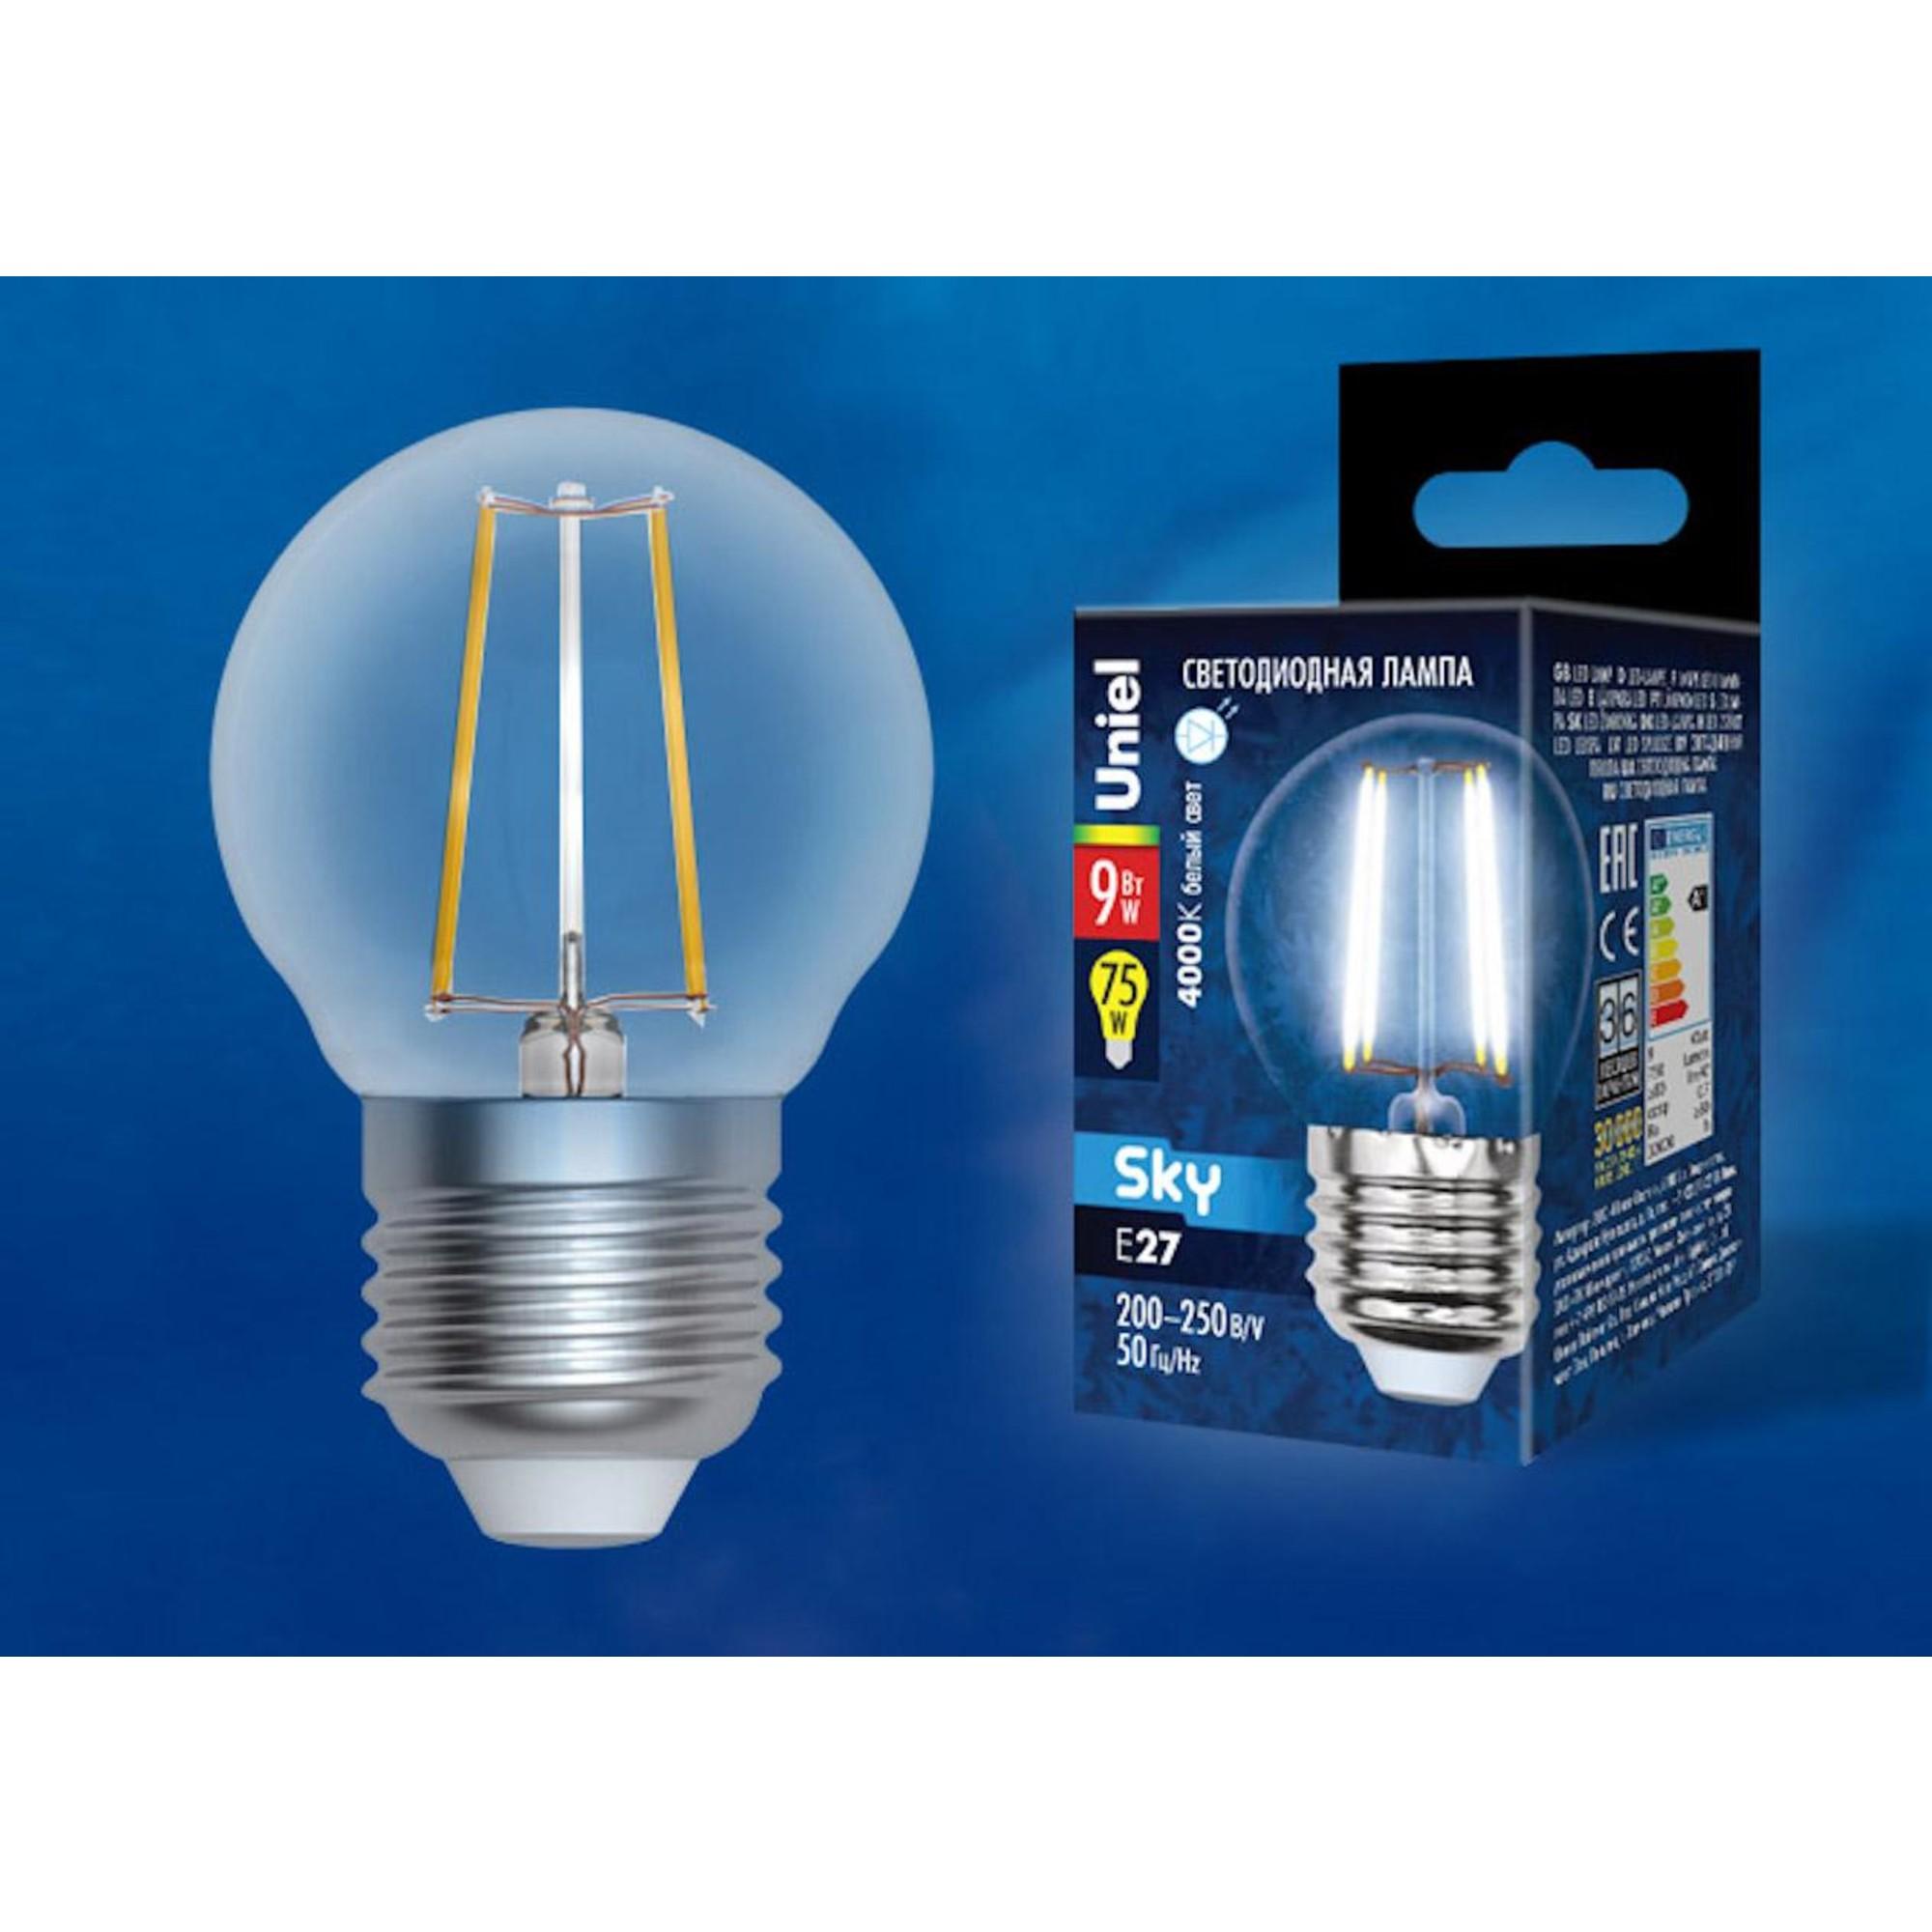 Светодиодная лампочка Uniel UL-00005175 E27 750 Лм 9 Вт